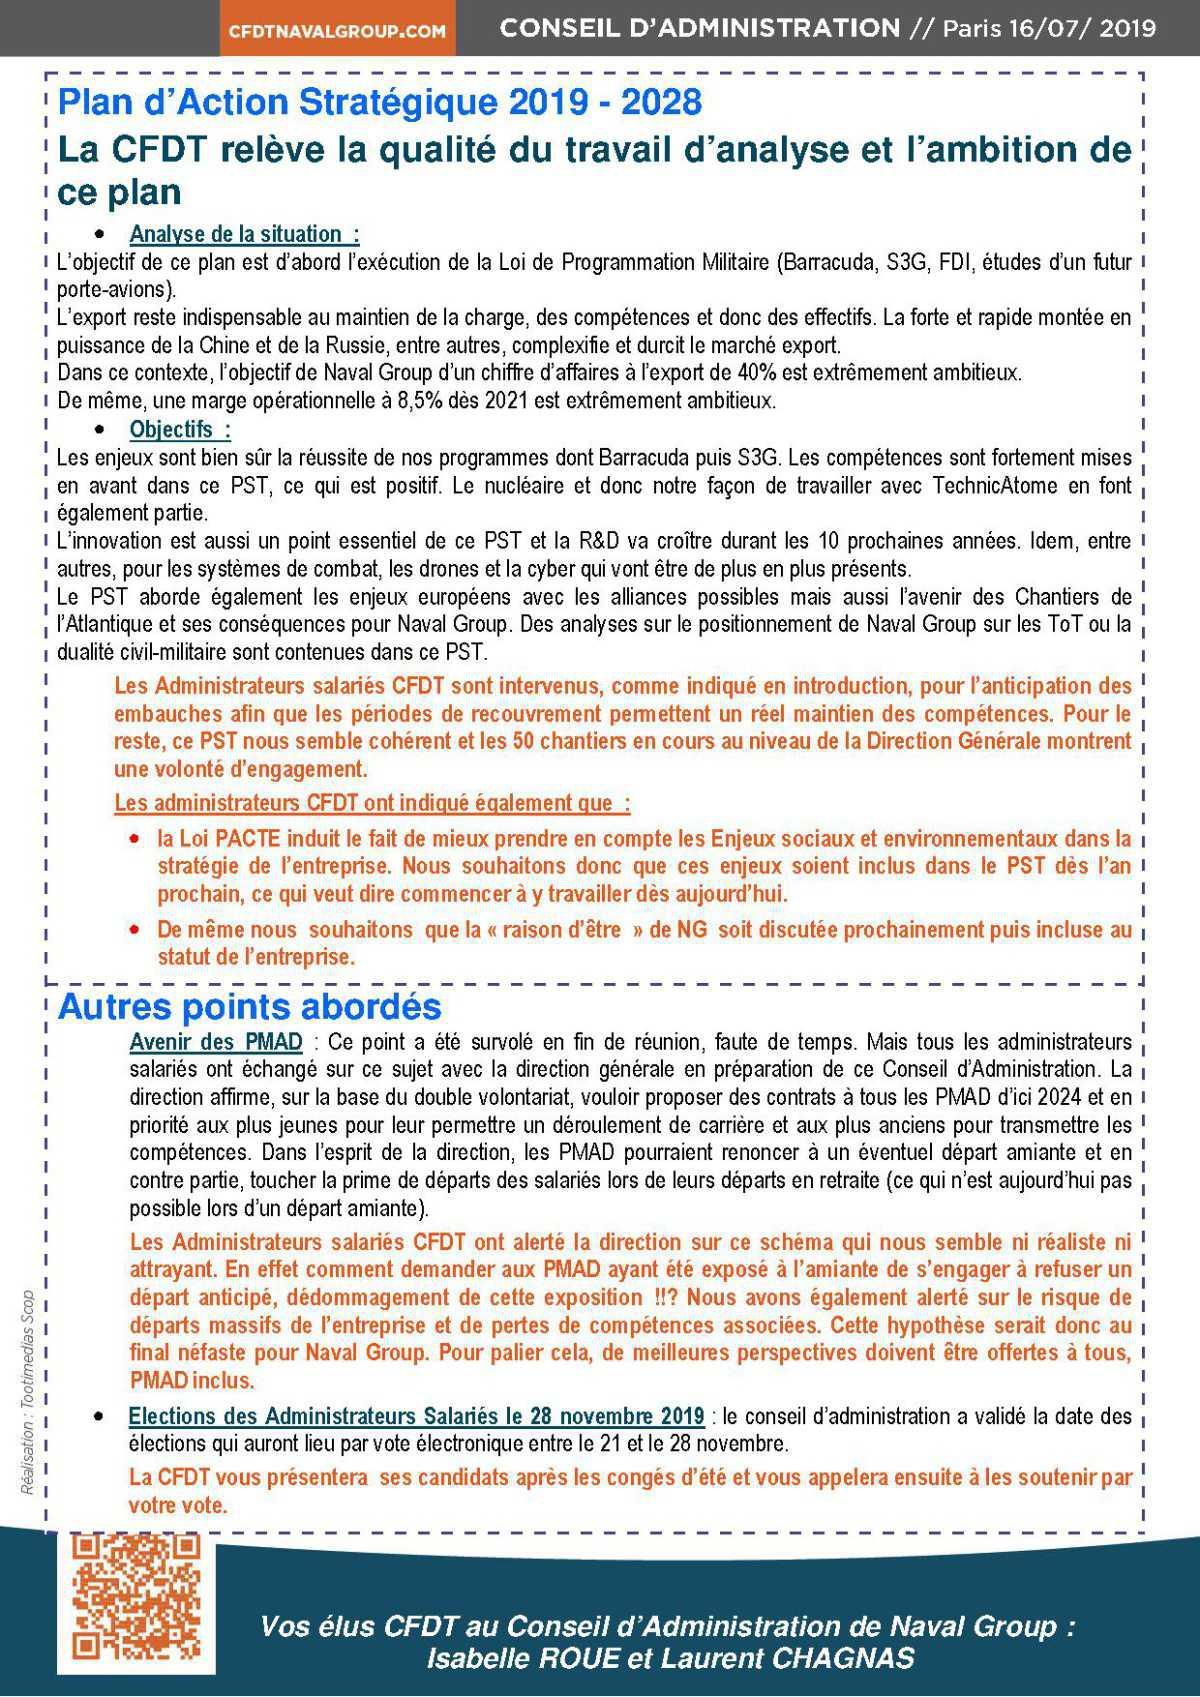 CR CA : Des comptes semestriels en ligne et une stratégie ambitieuse validée